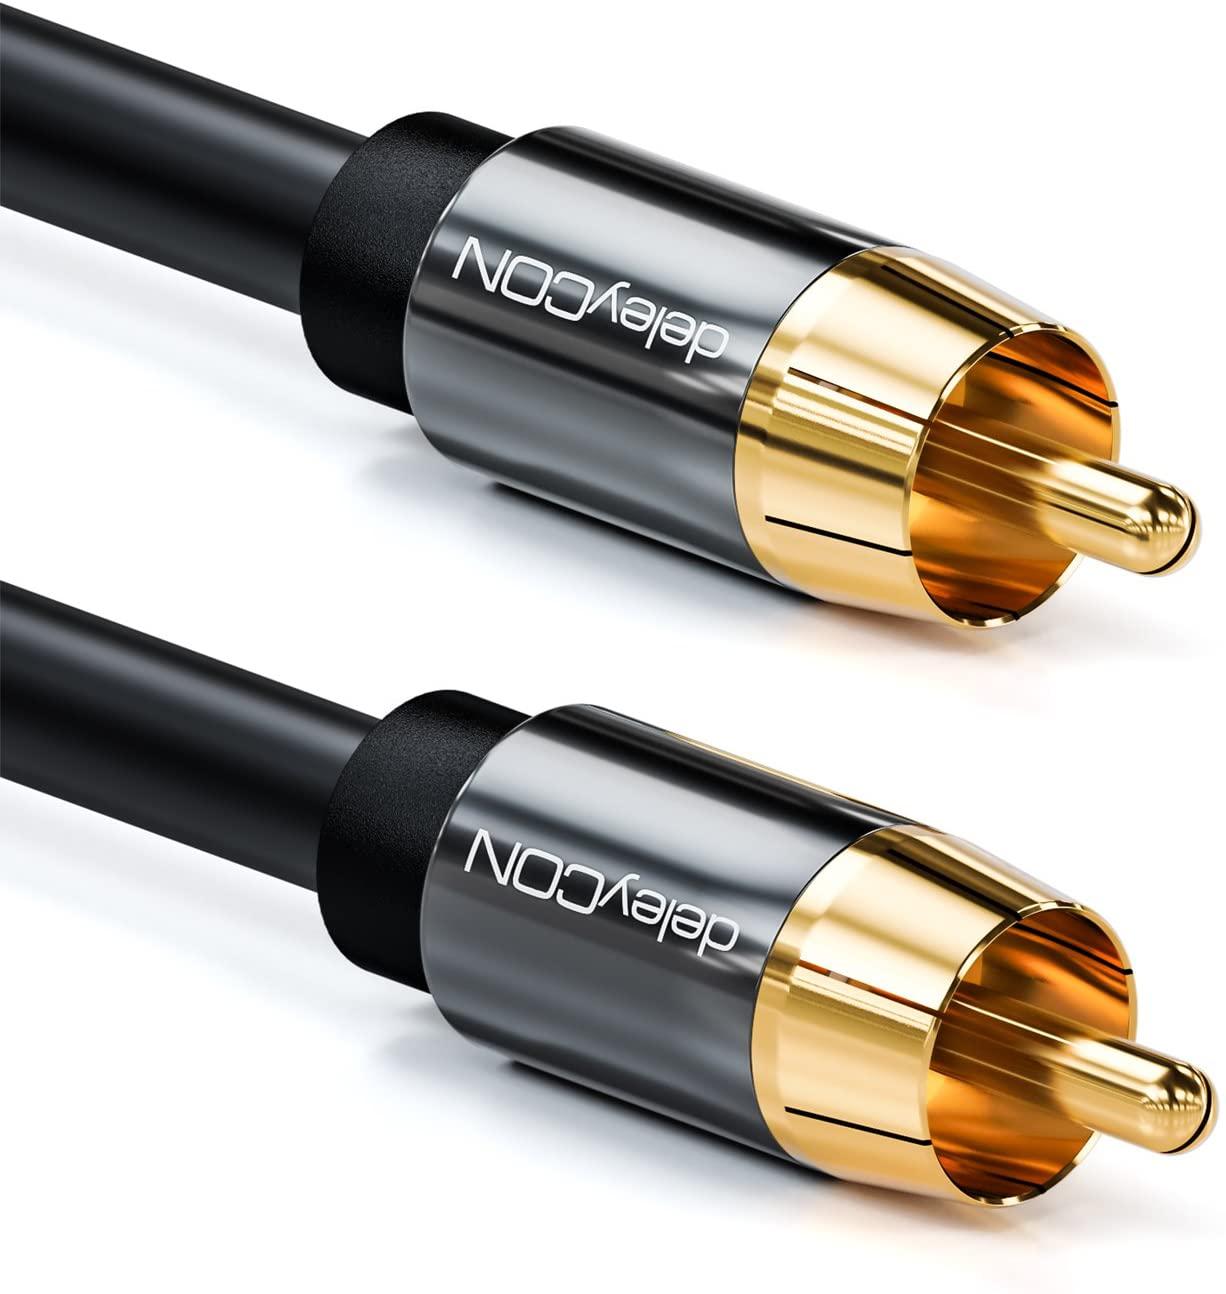 deleyCON Cable para Subwoofer 10m - Cable Coaxial Digital con Conector RCA - Contactos Chapados - Cable de Audio - Subwoofer Receptor AV Amplificador Cine de Casa